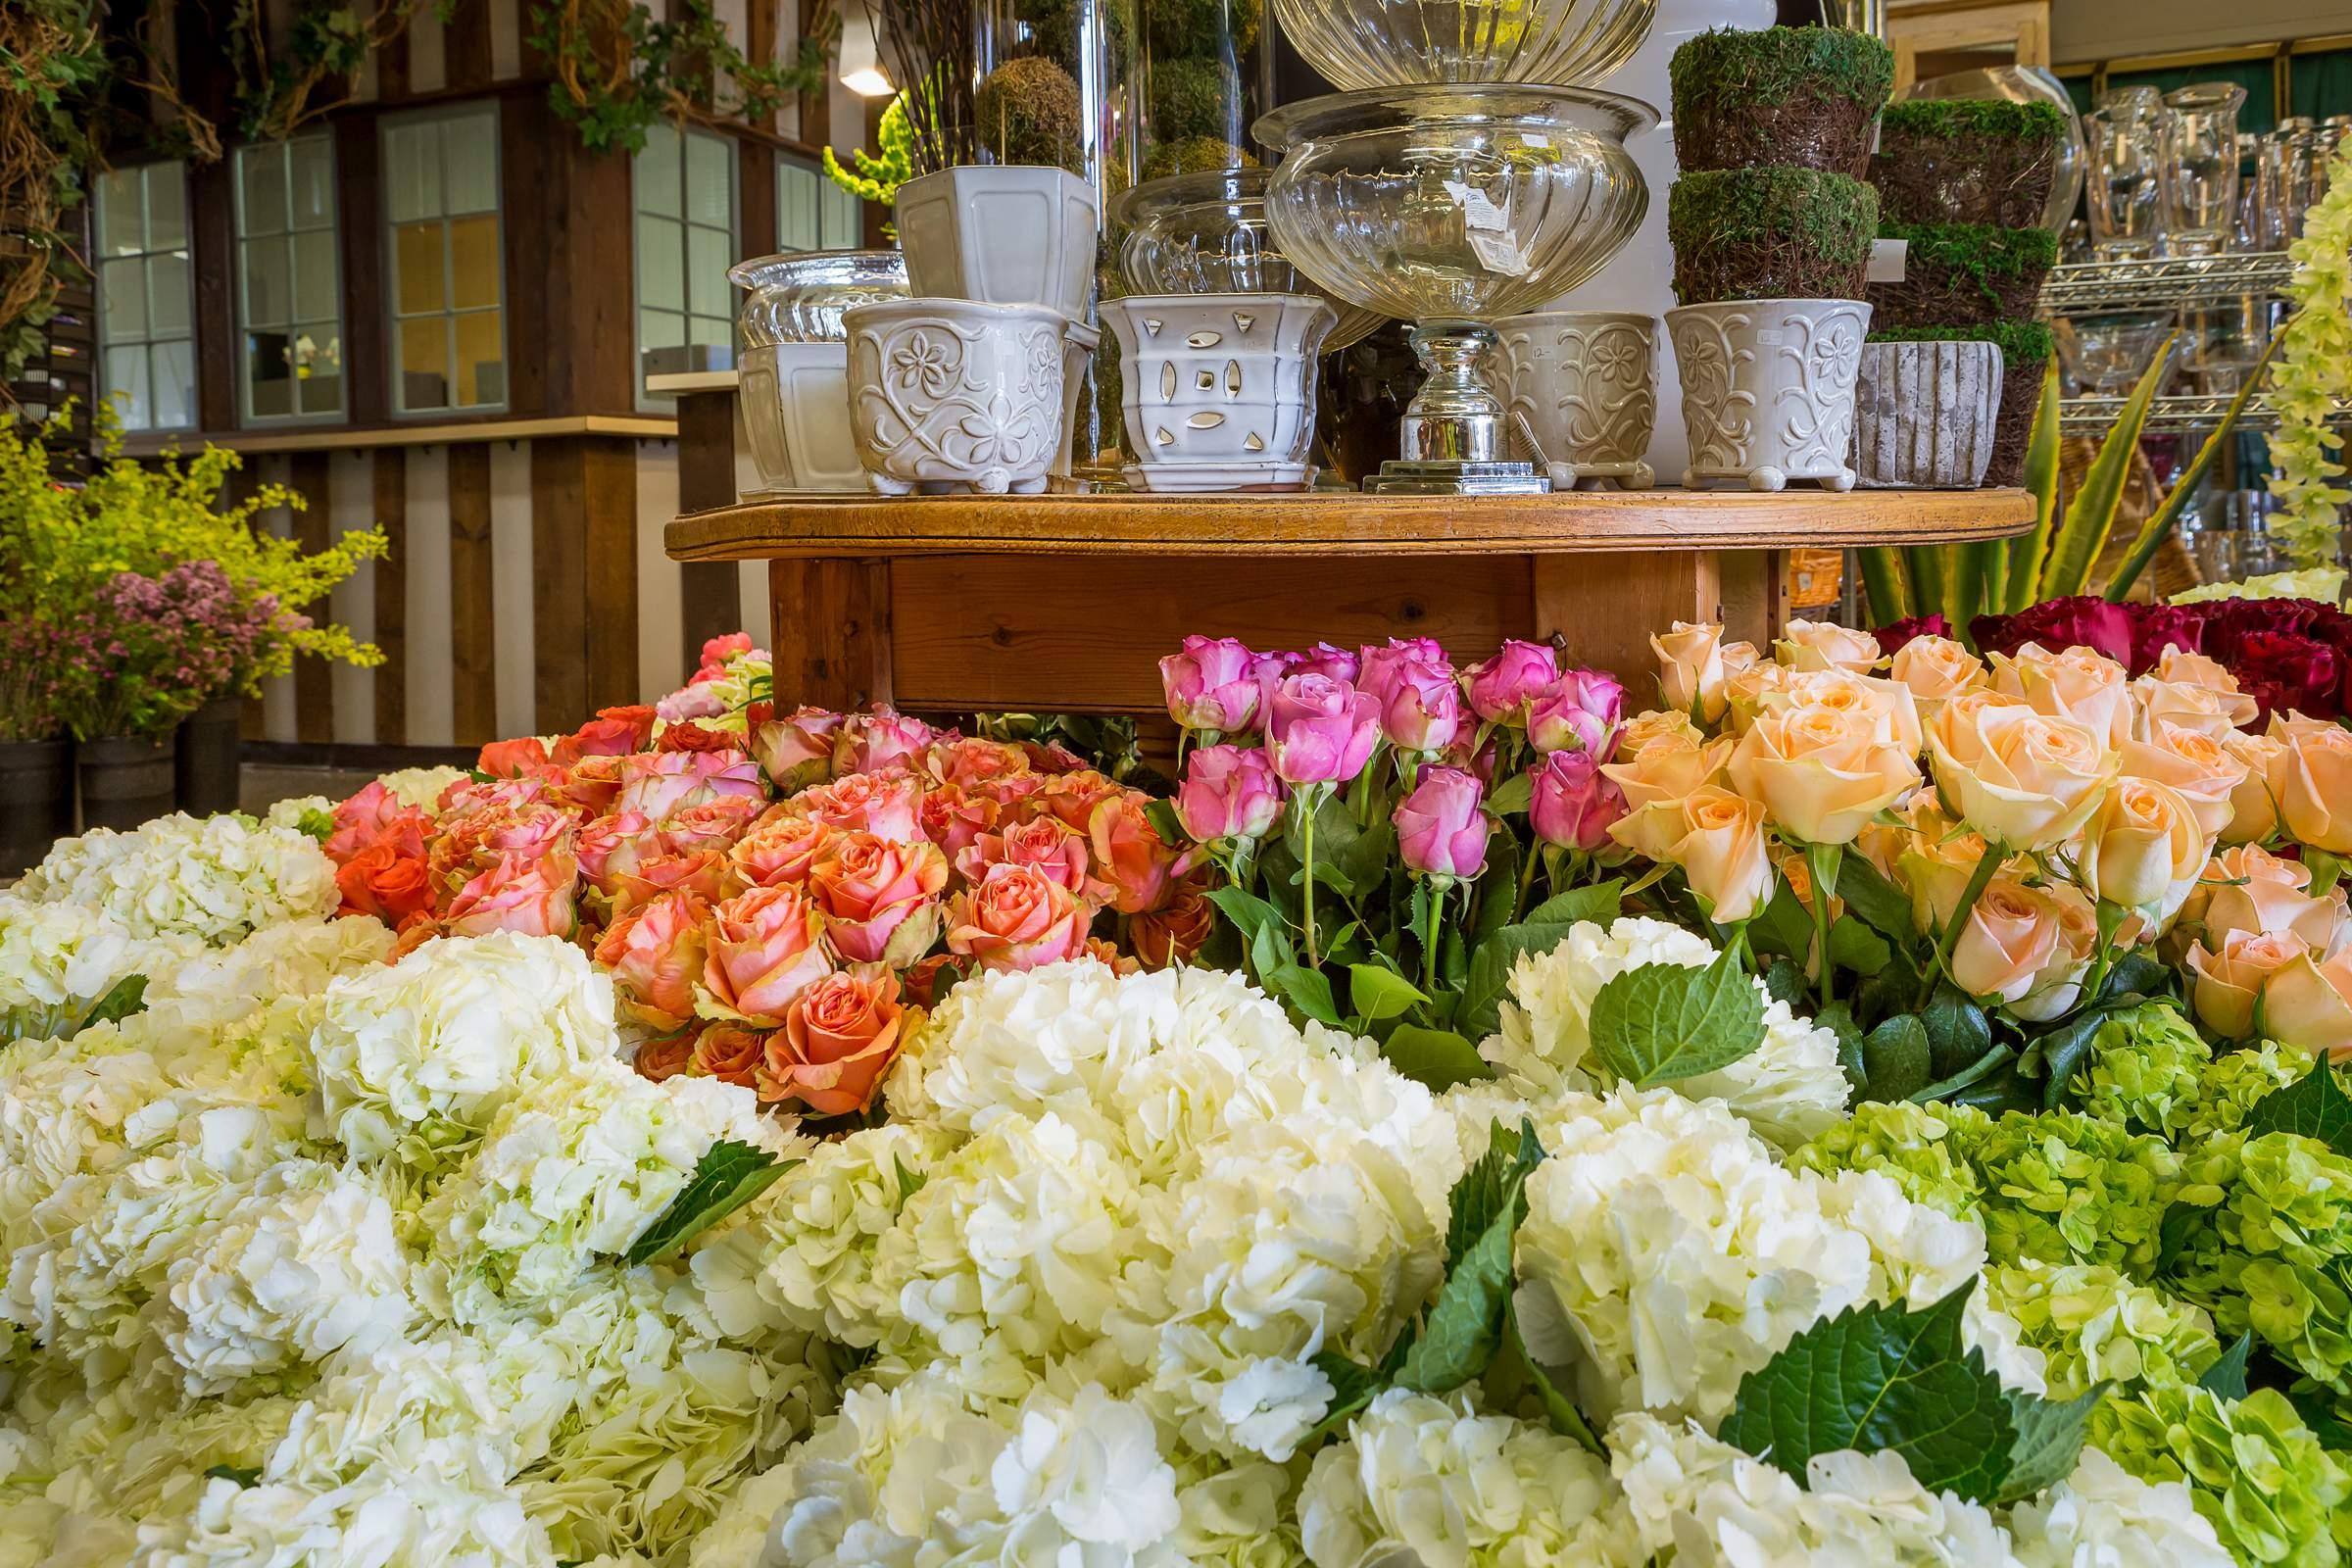 Kloeckner Flower Shop Chicago Boutique Interior Google